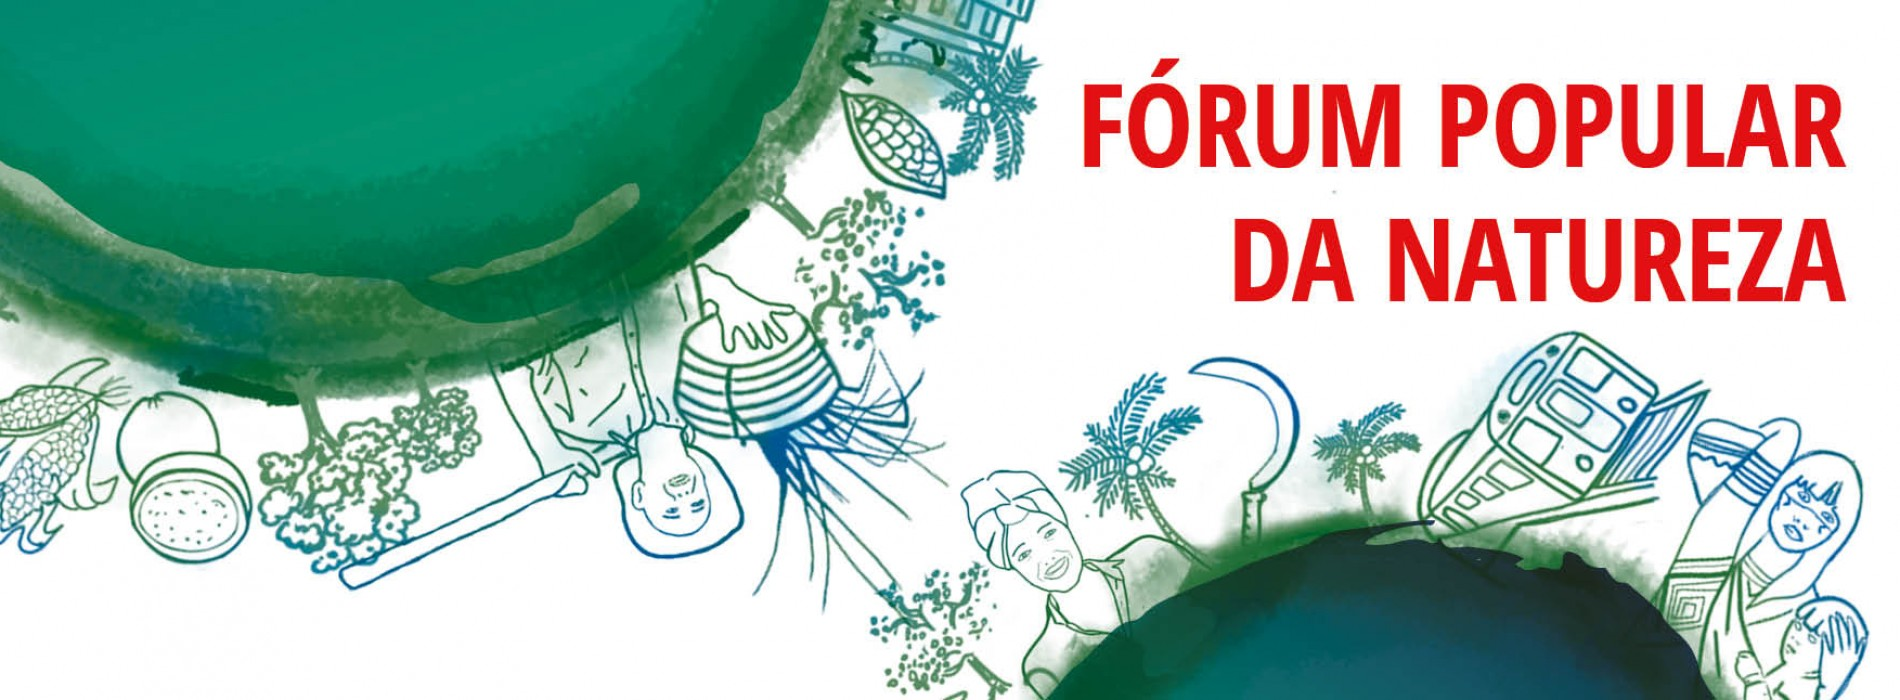 Fórum Popular da Natureza: programação do dia 10/06